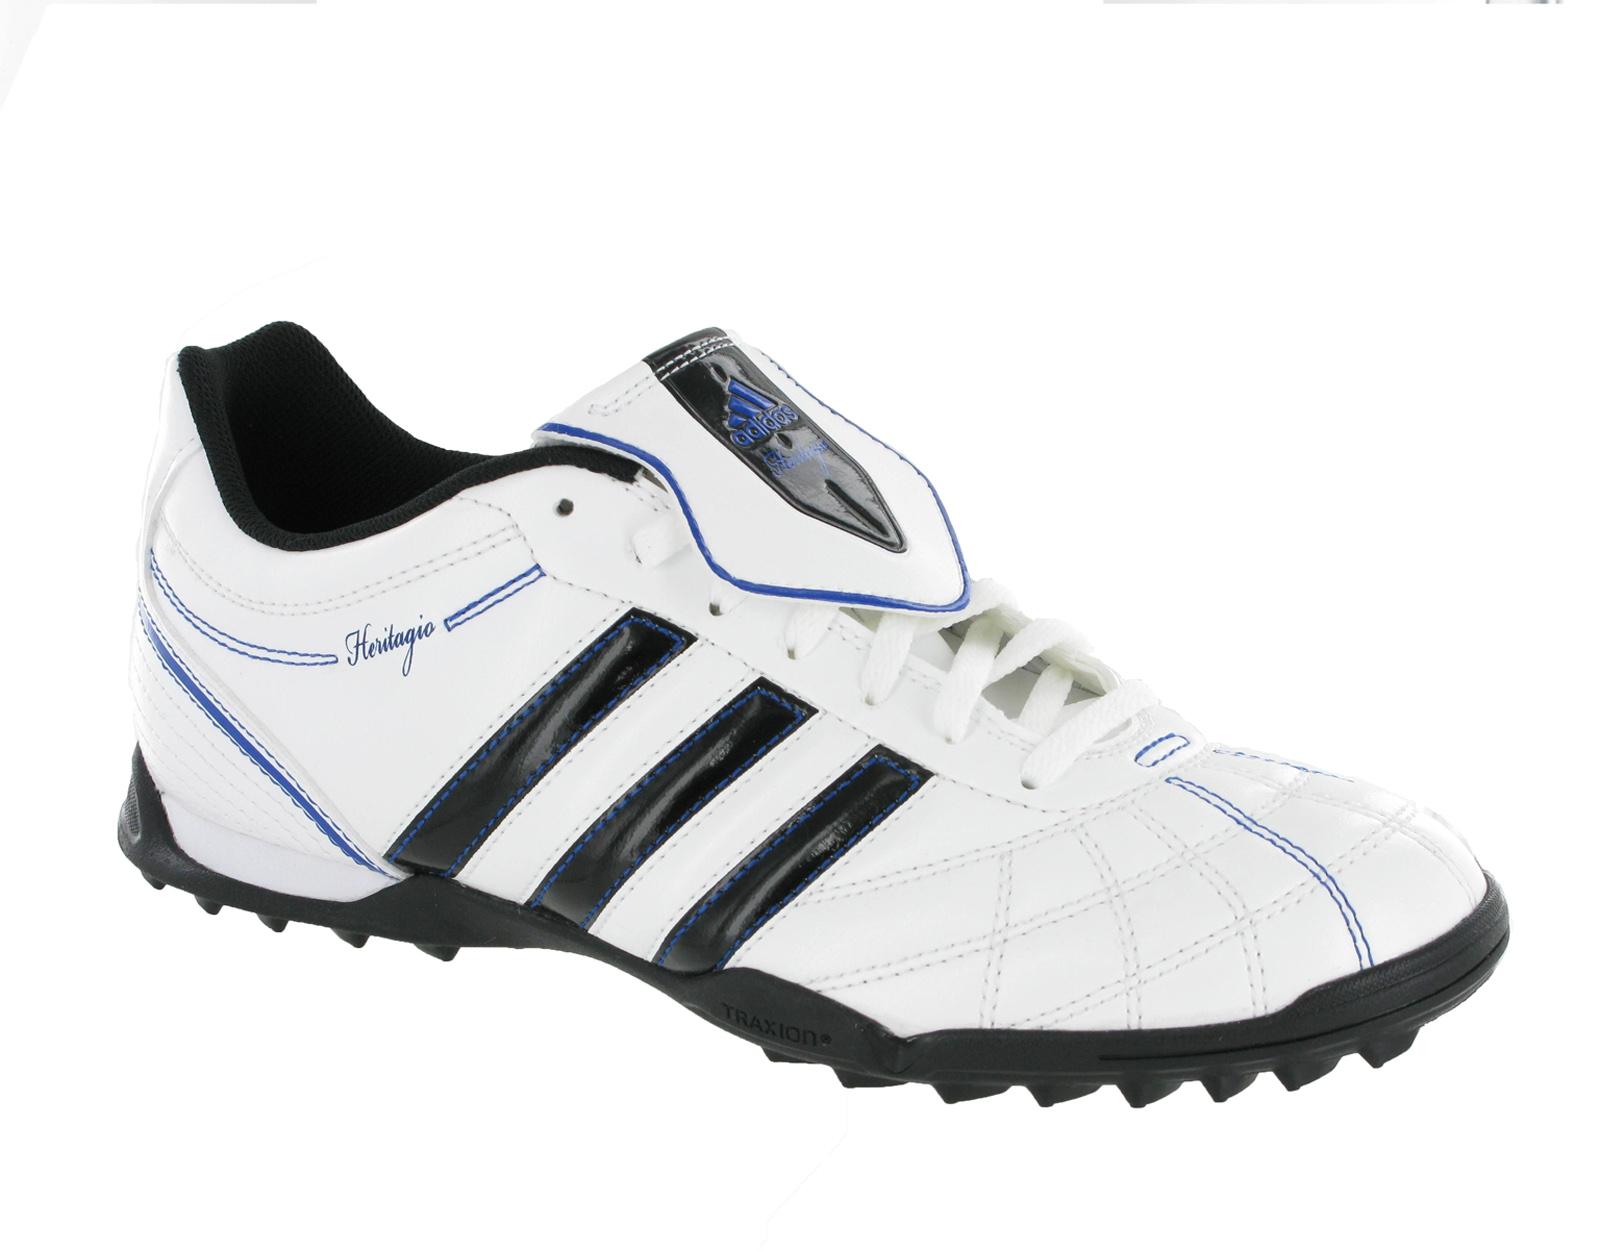 new mens adidas heritagio v trx tf white astro turf football boots size 6 12 uk ebay